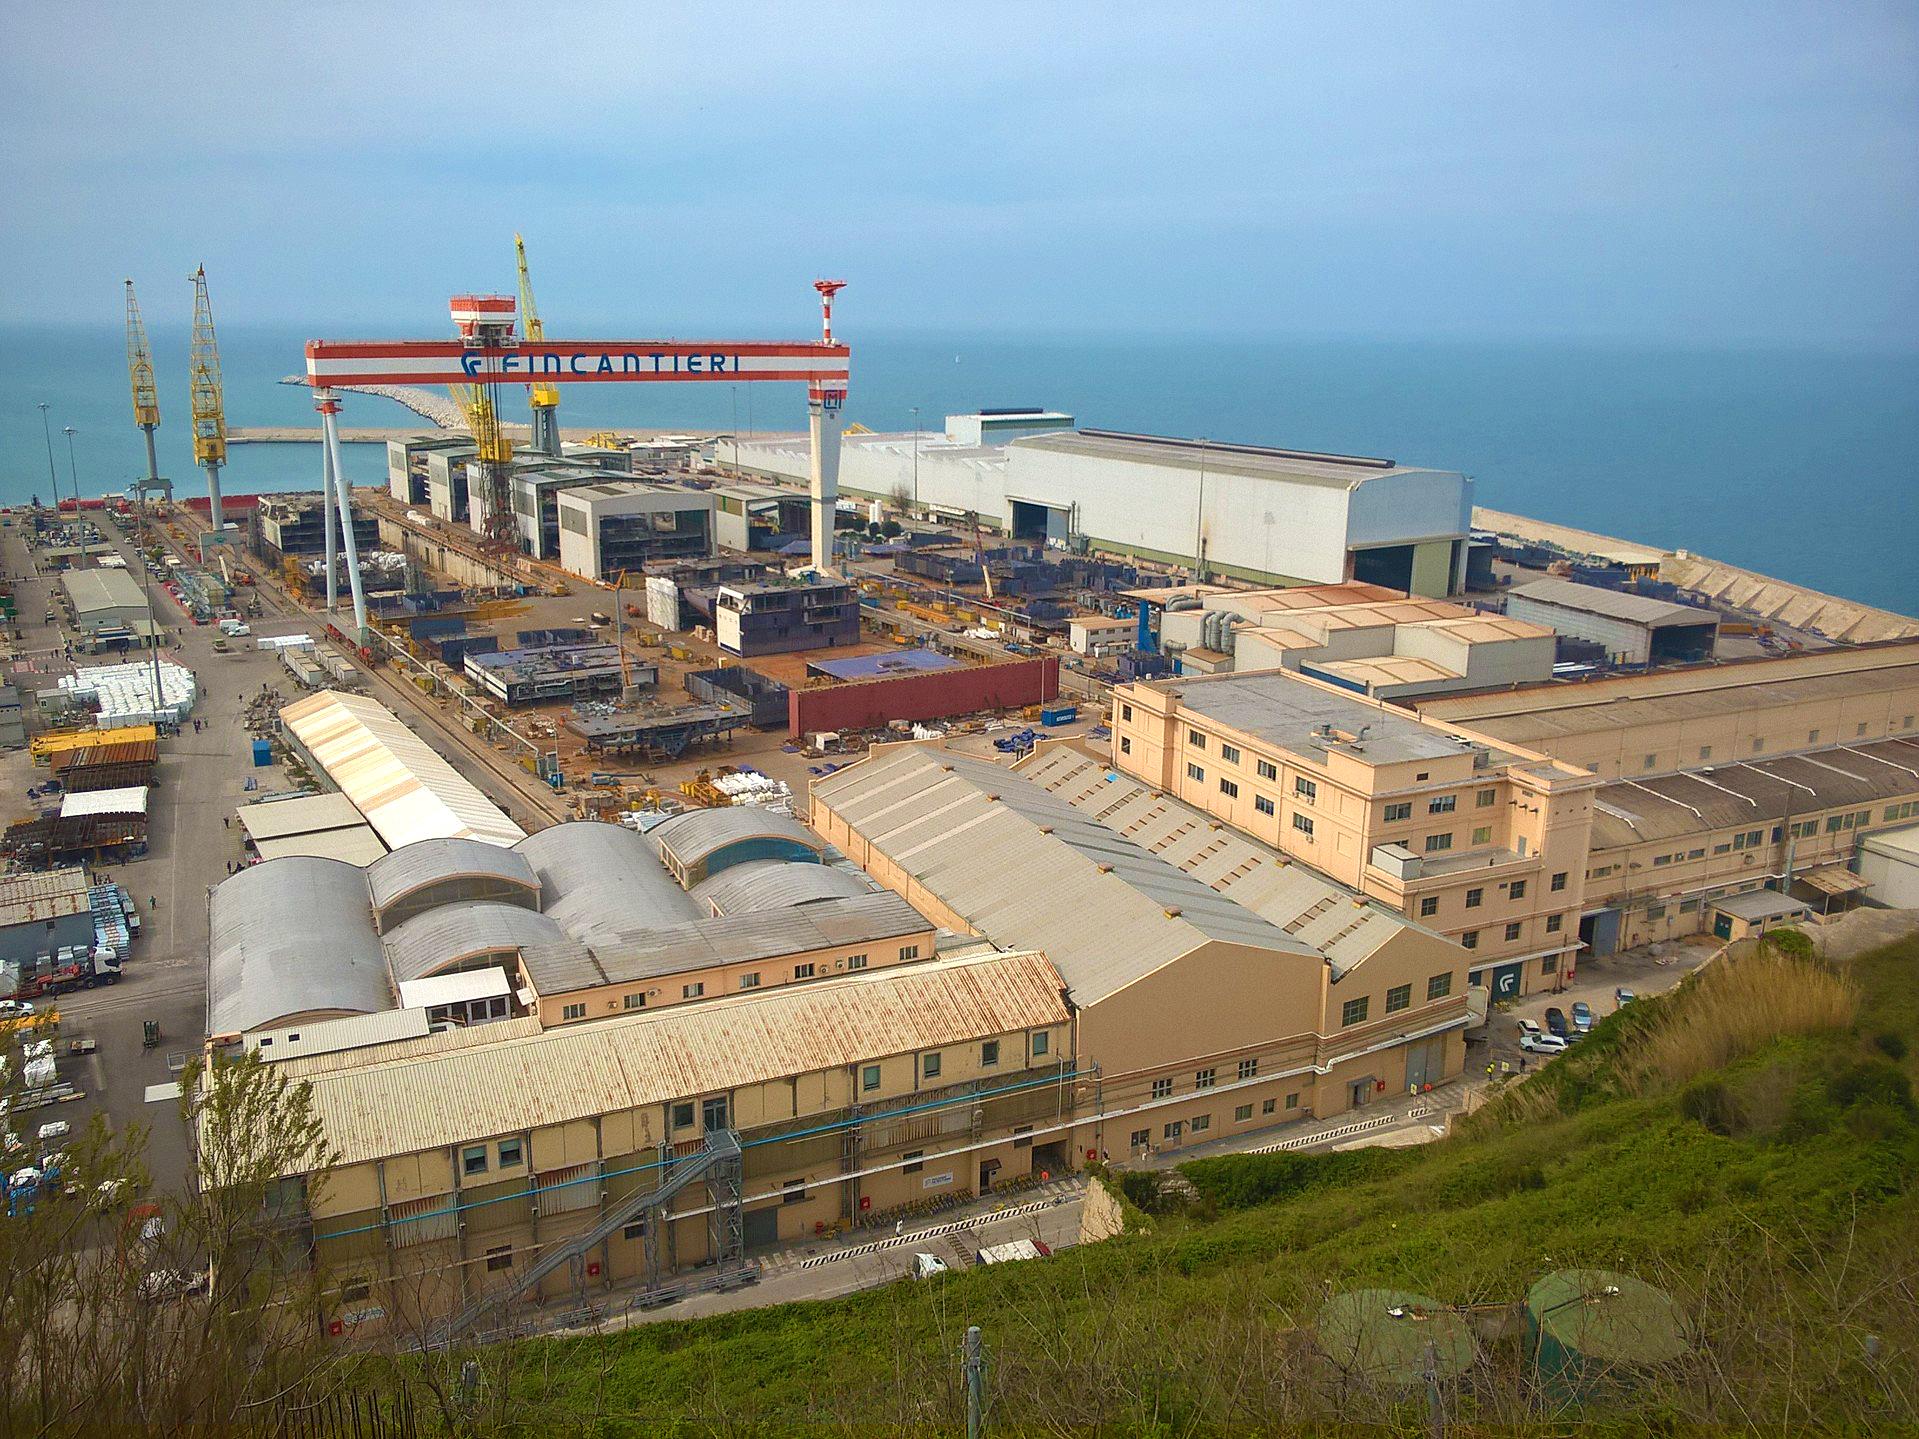 Fincantieri rafforza la partnership strategica con il Qatar